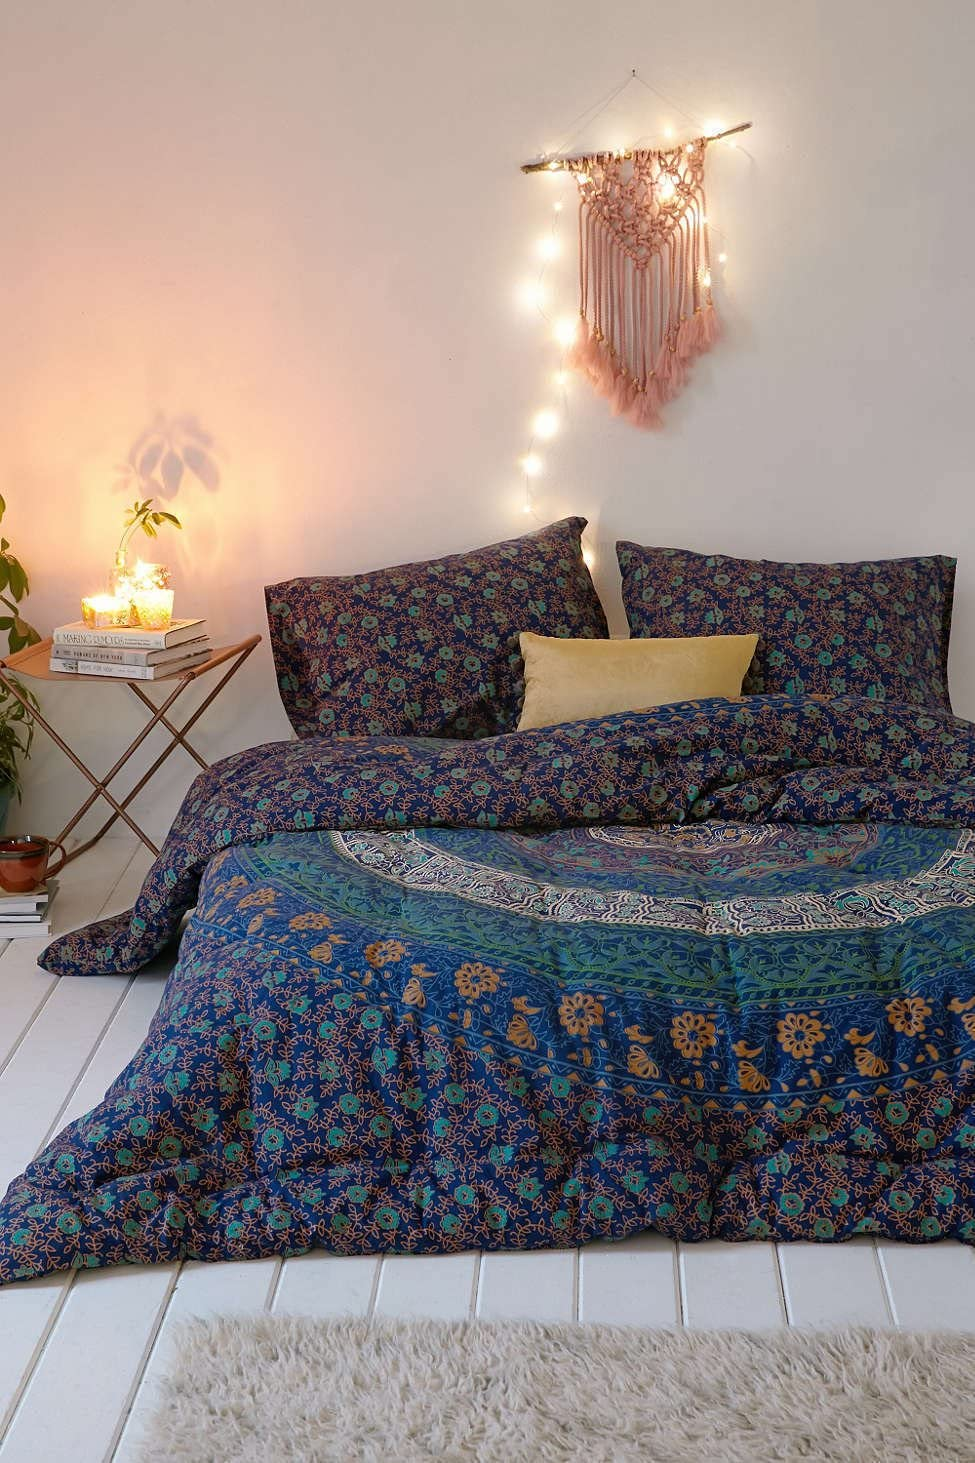 Sophia Art Housse de couette avec taies d'oreiller, housse de couette mandala indienne style bohème, Coton, multicolore, Queen Size Bleu